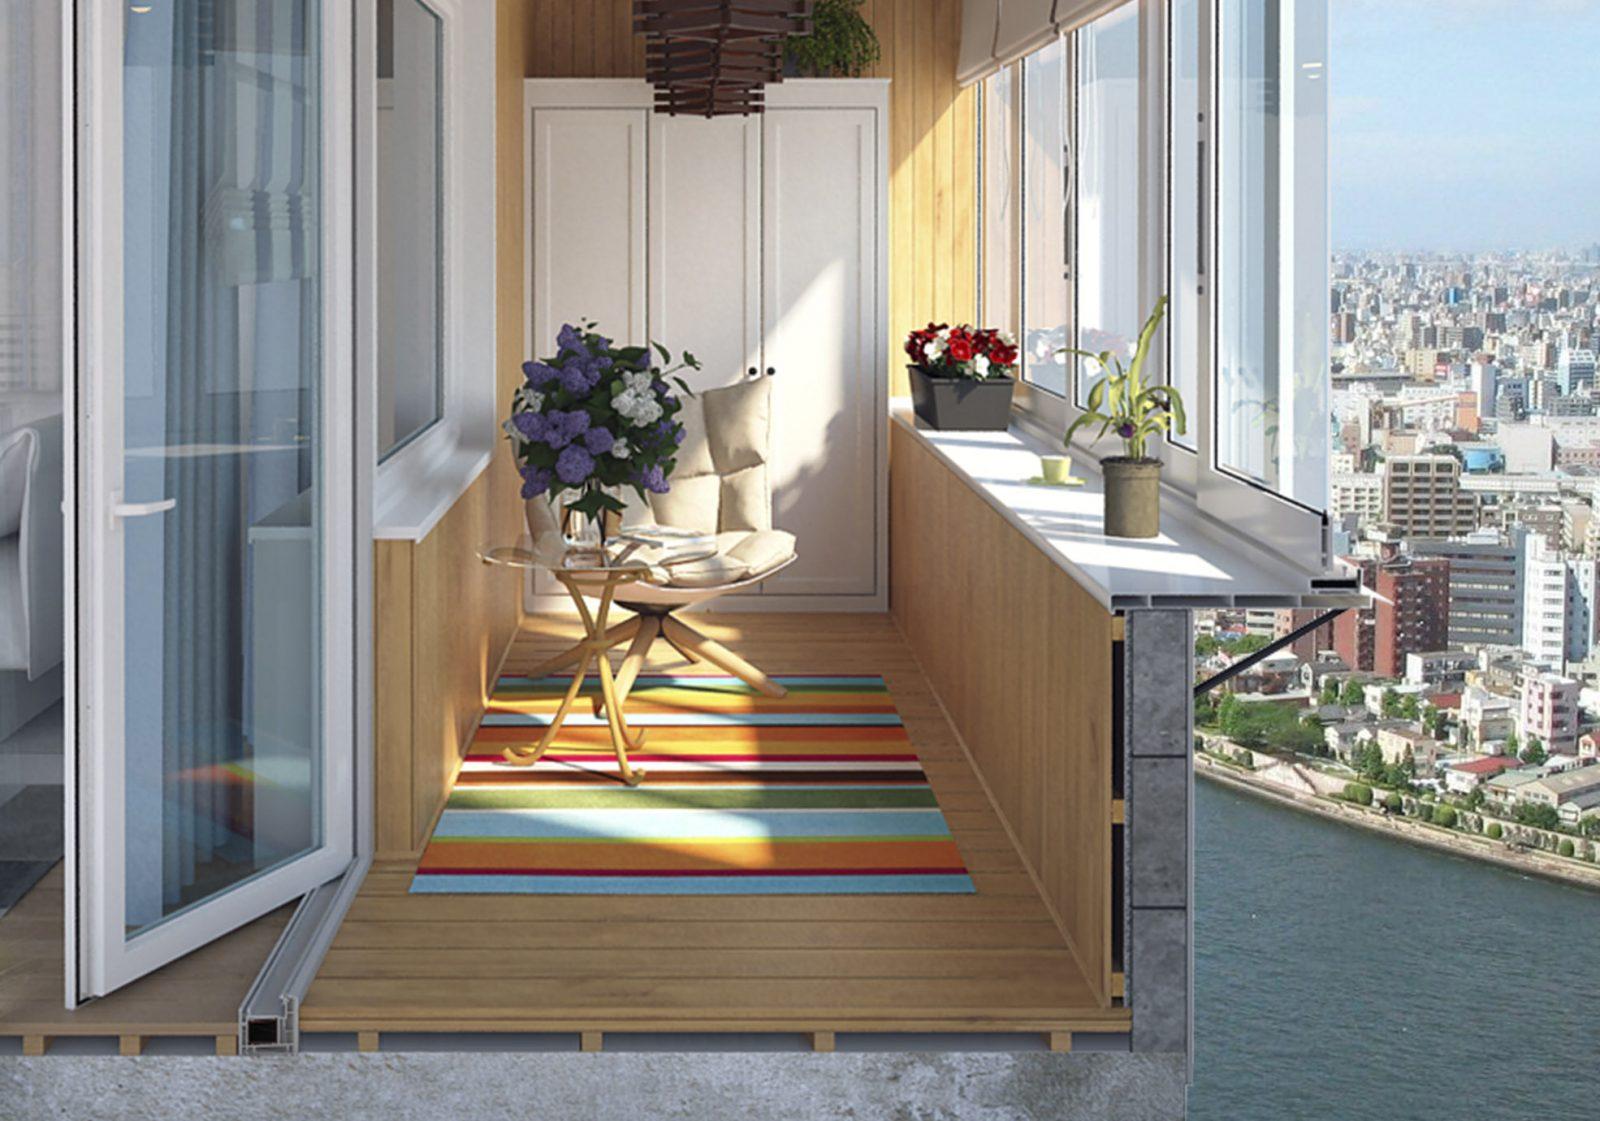 Сколько стоит балкон под ключ в Санкт-Петербурге